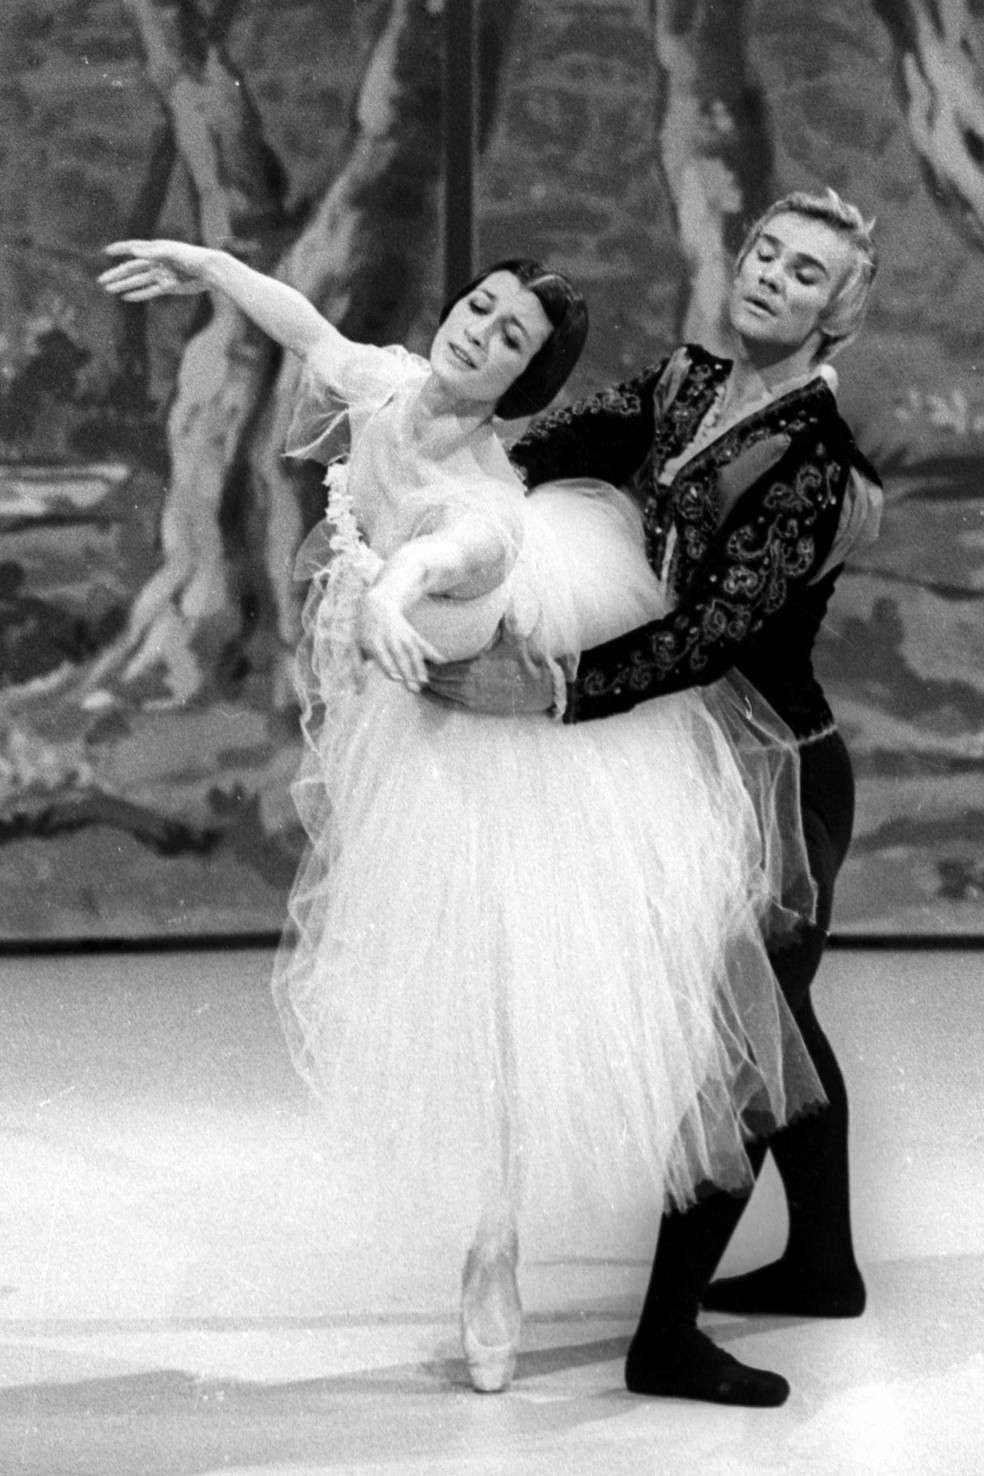 Vladimir Vassiliev, bailarino russo, e Carla Fracci apresentando 'Giselle' em Roma, Itália, em março de 1972. — Foto: Stringer/Ansa/AFP